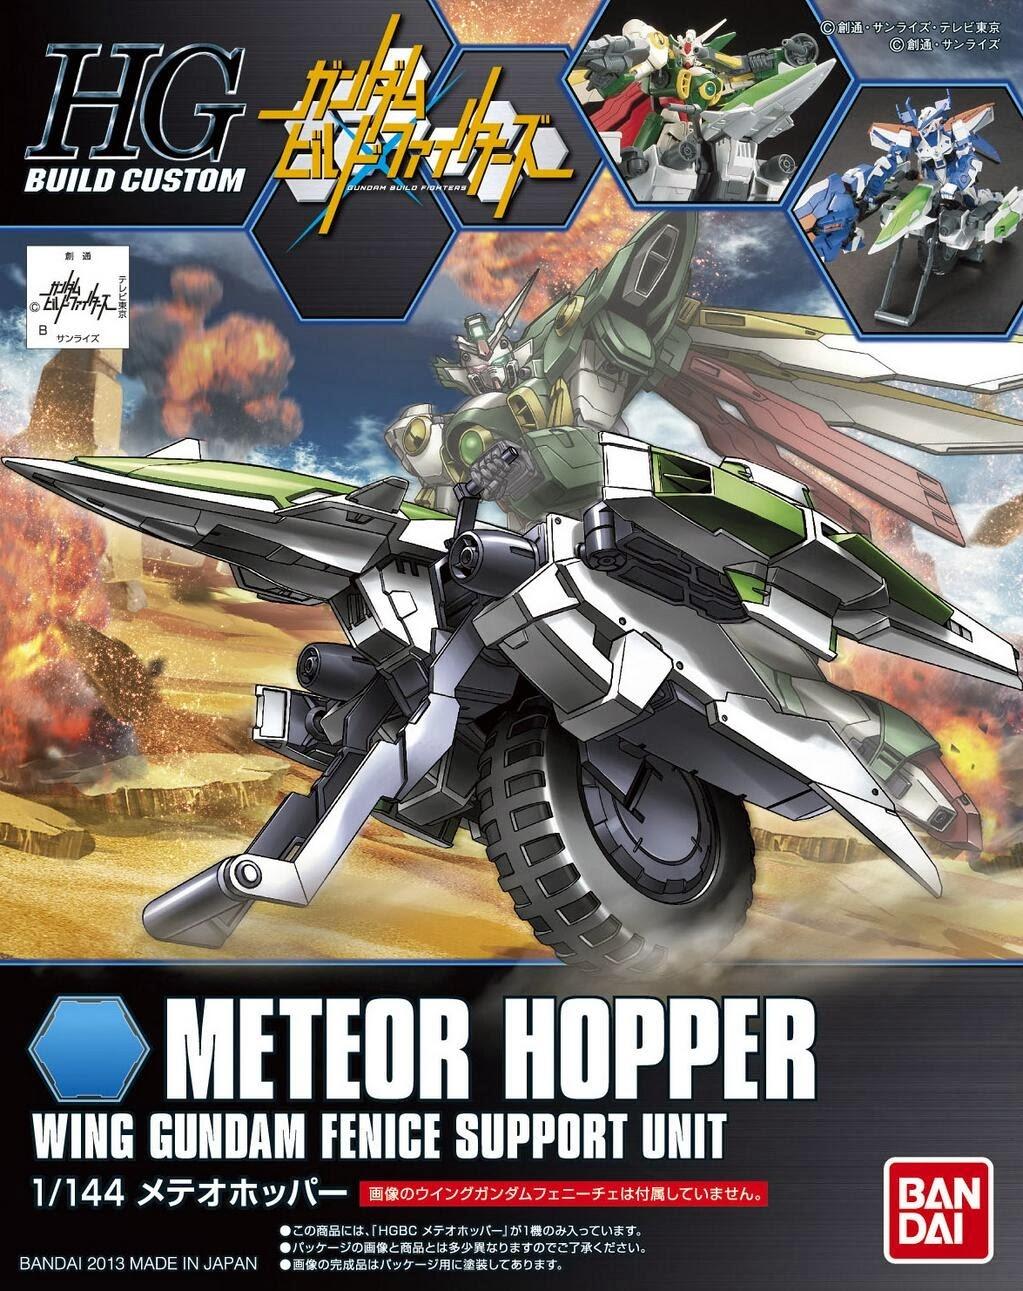 METEOR HOPPER